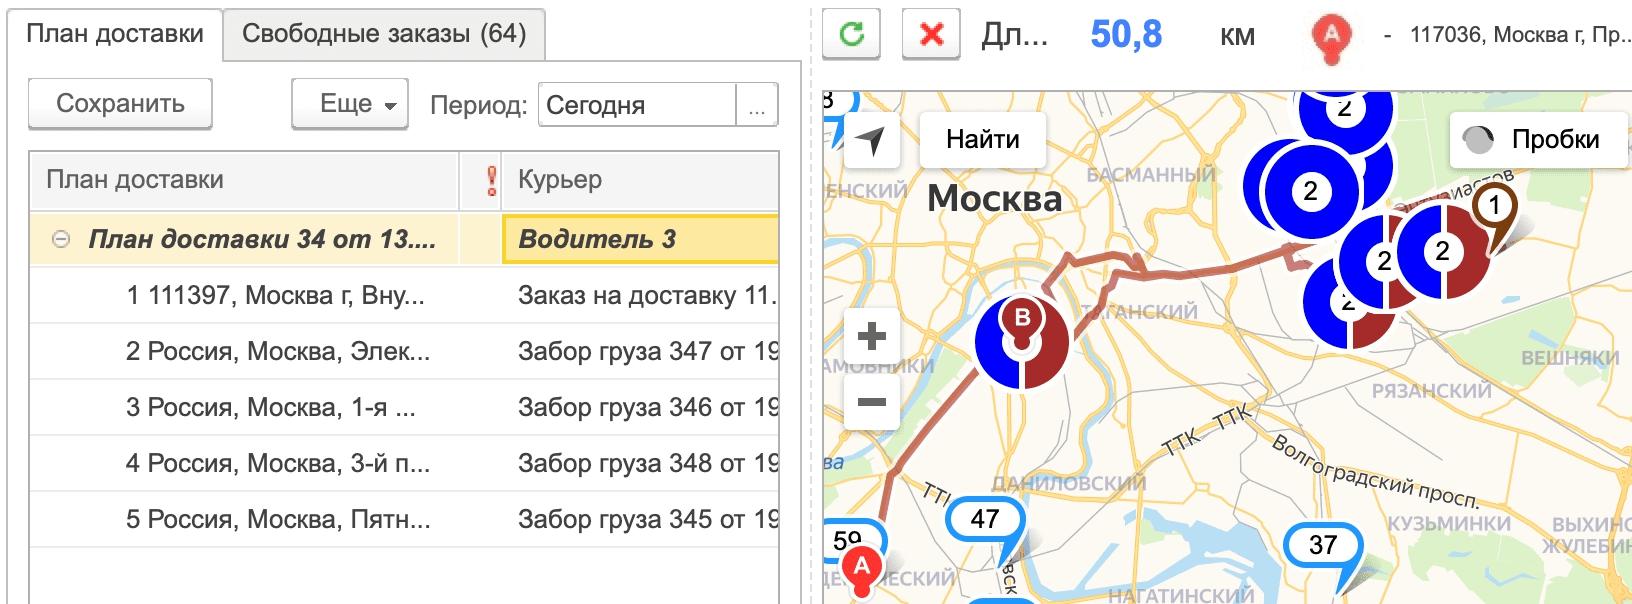 Оптимизация маршрута доставки по времени и расстоянию